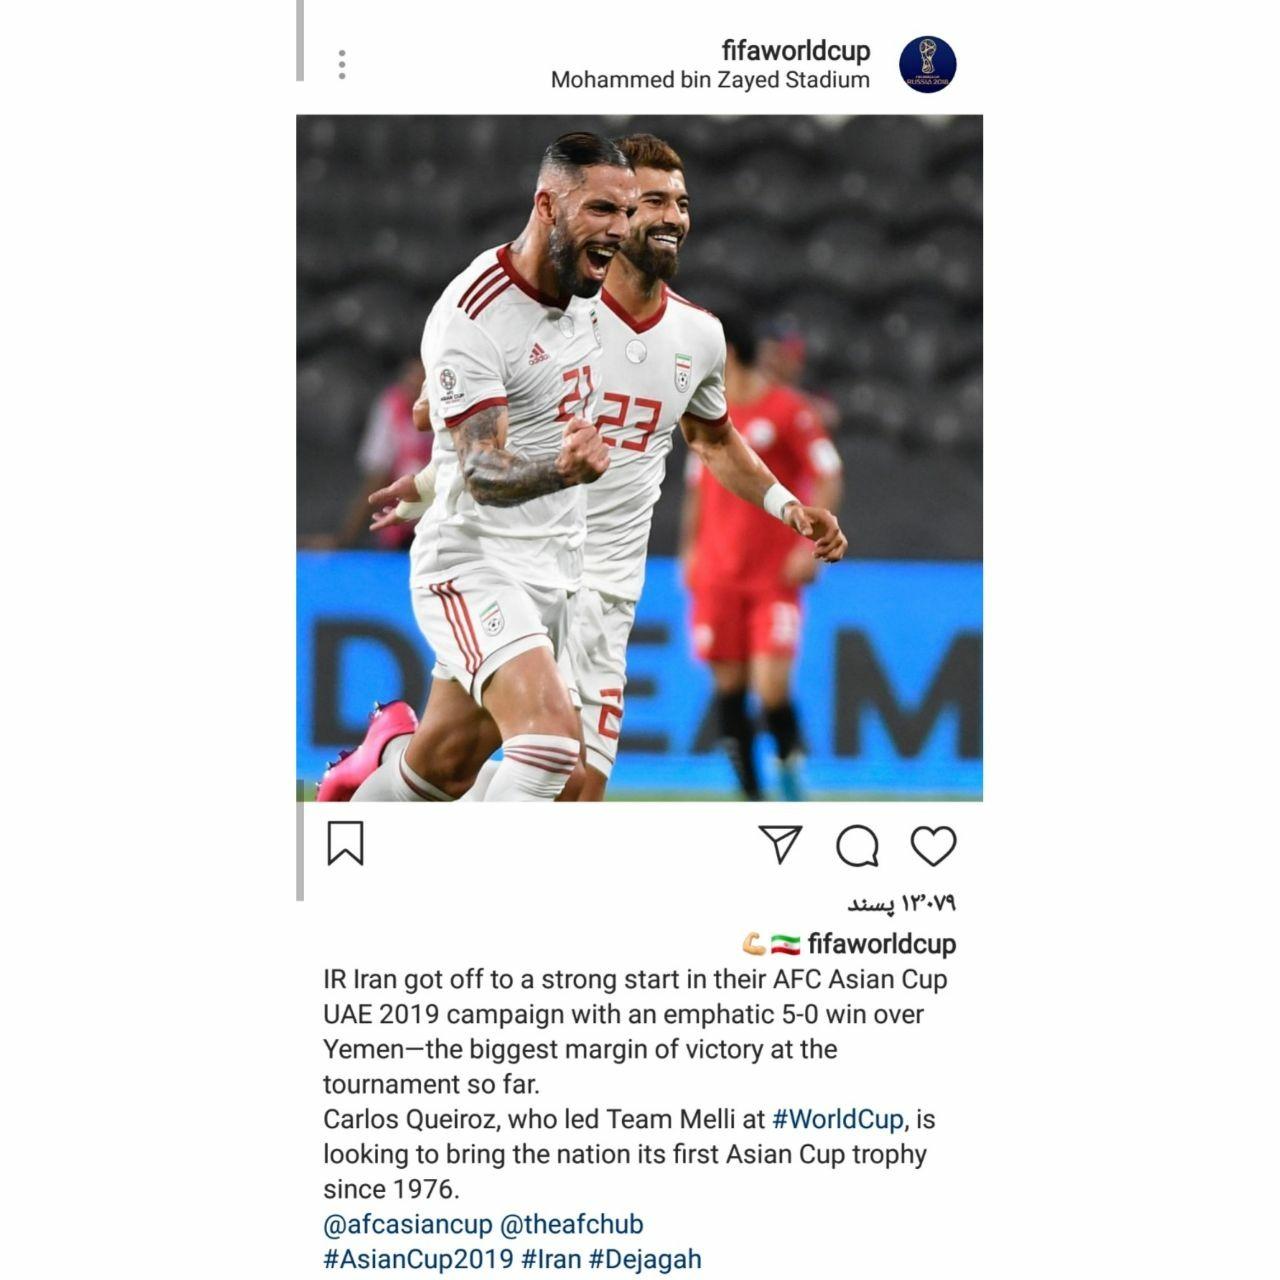 بازتاب برد پرگل تیم ملی فوتبال ایران برابر یمن در رسانه های خارجی